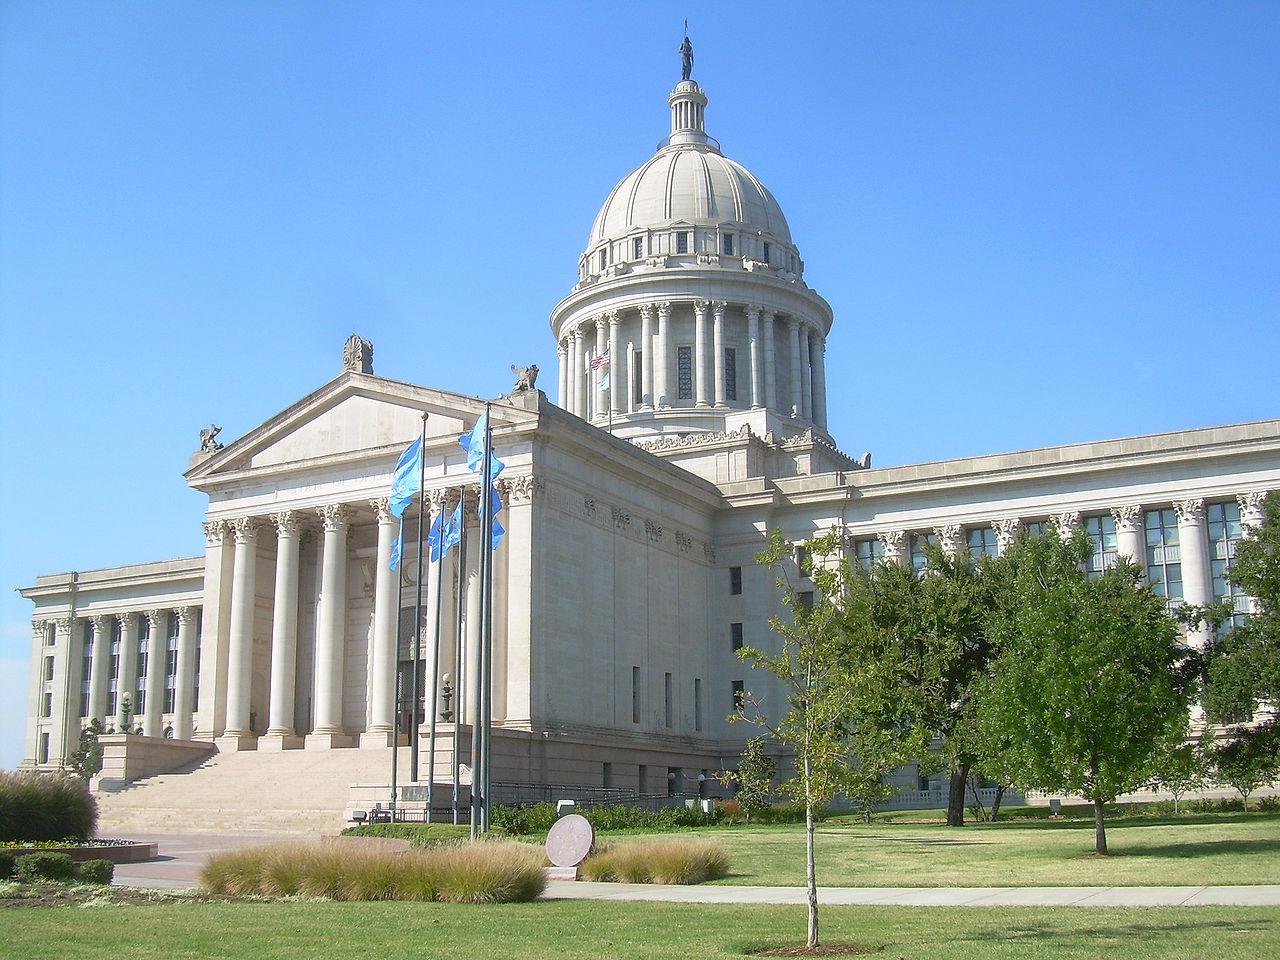 1280px-Oklahoma_State_Capitol.jpg